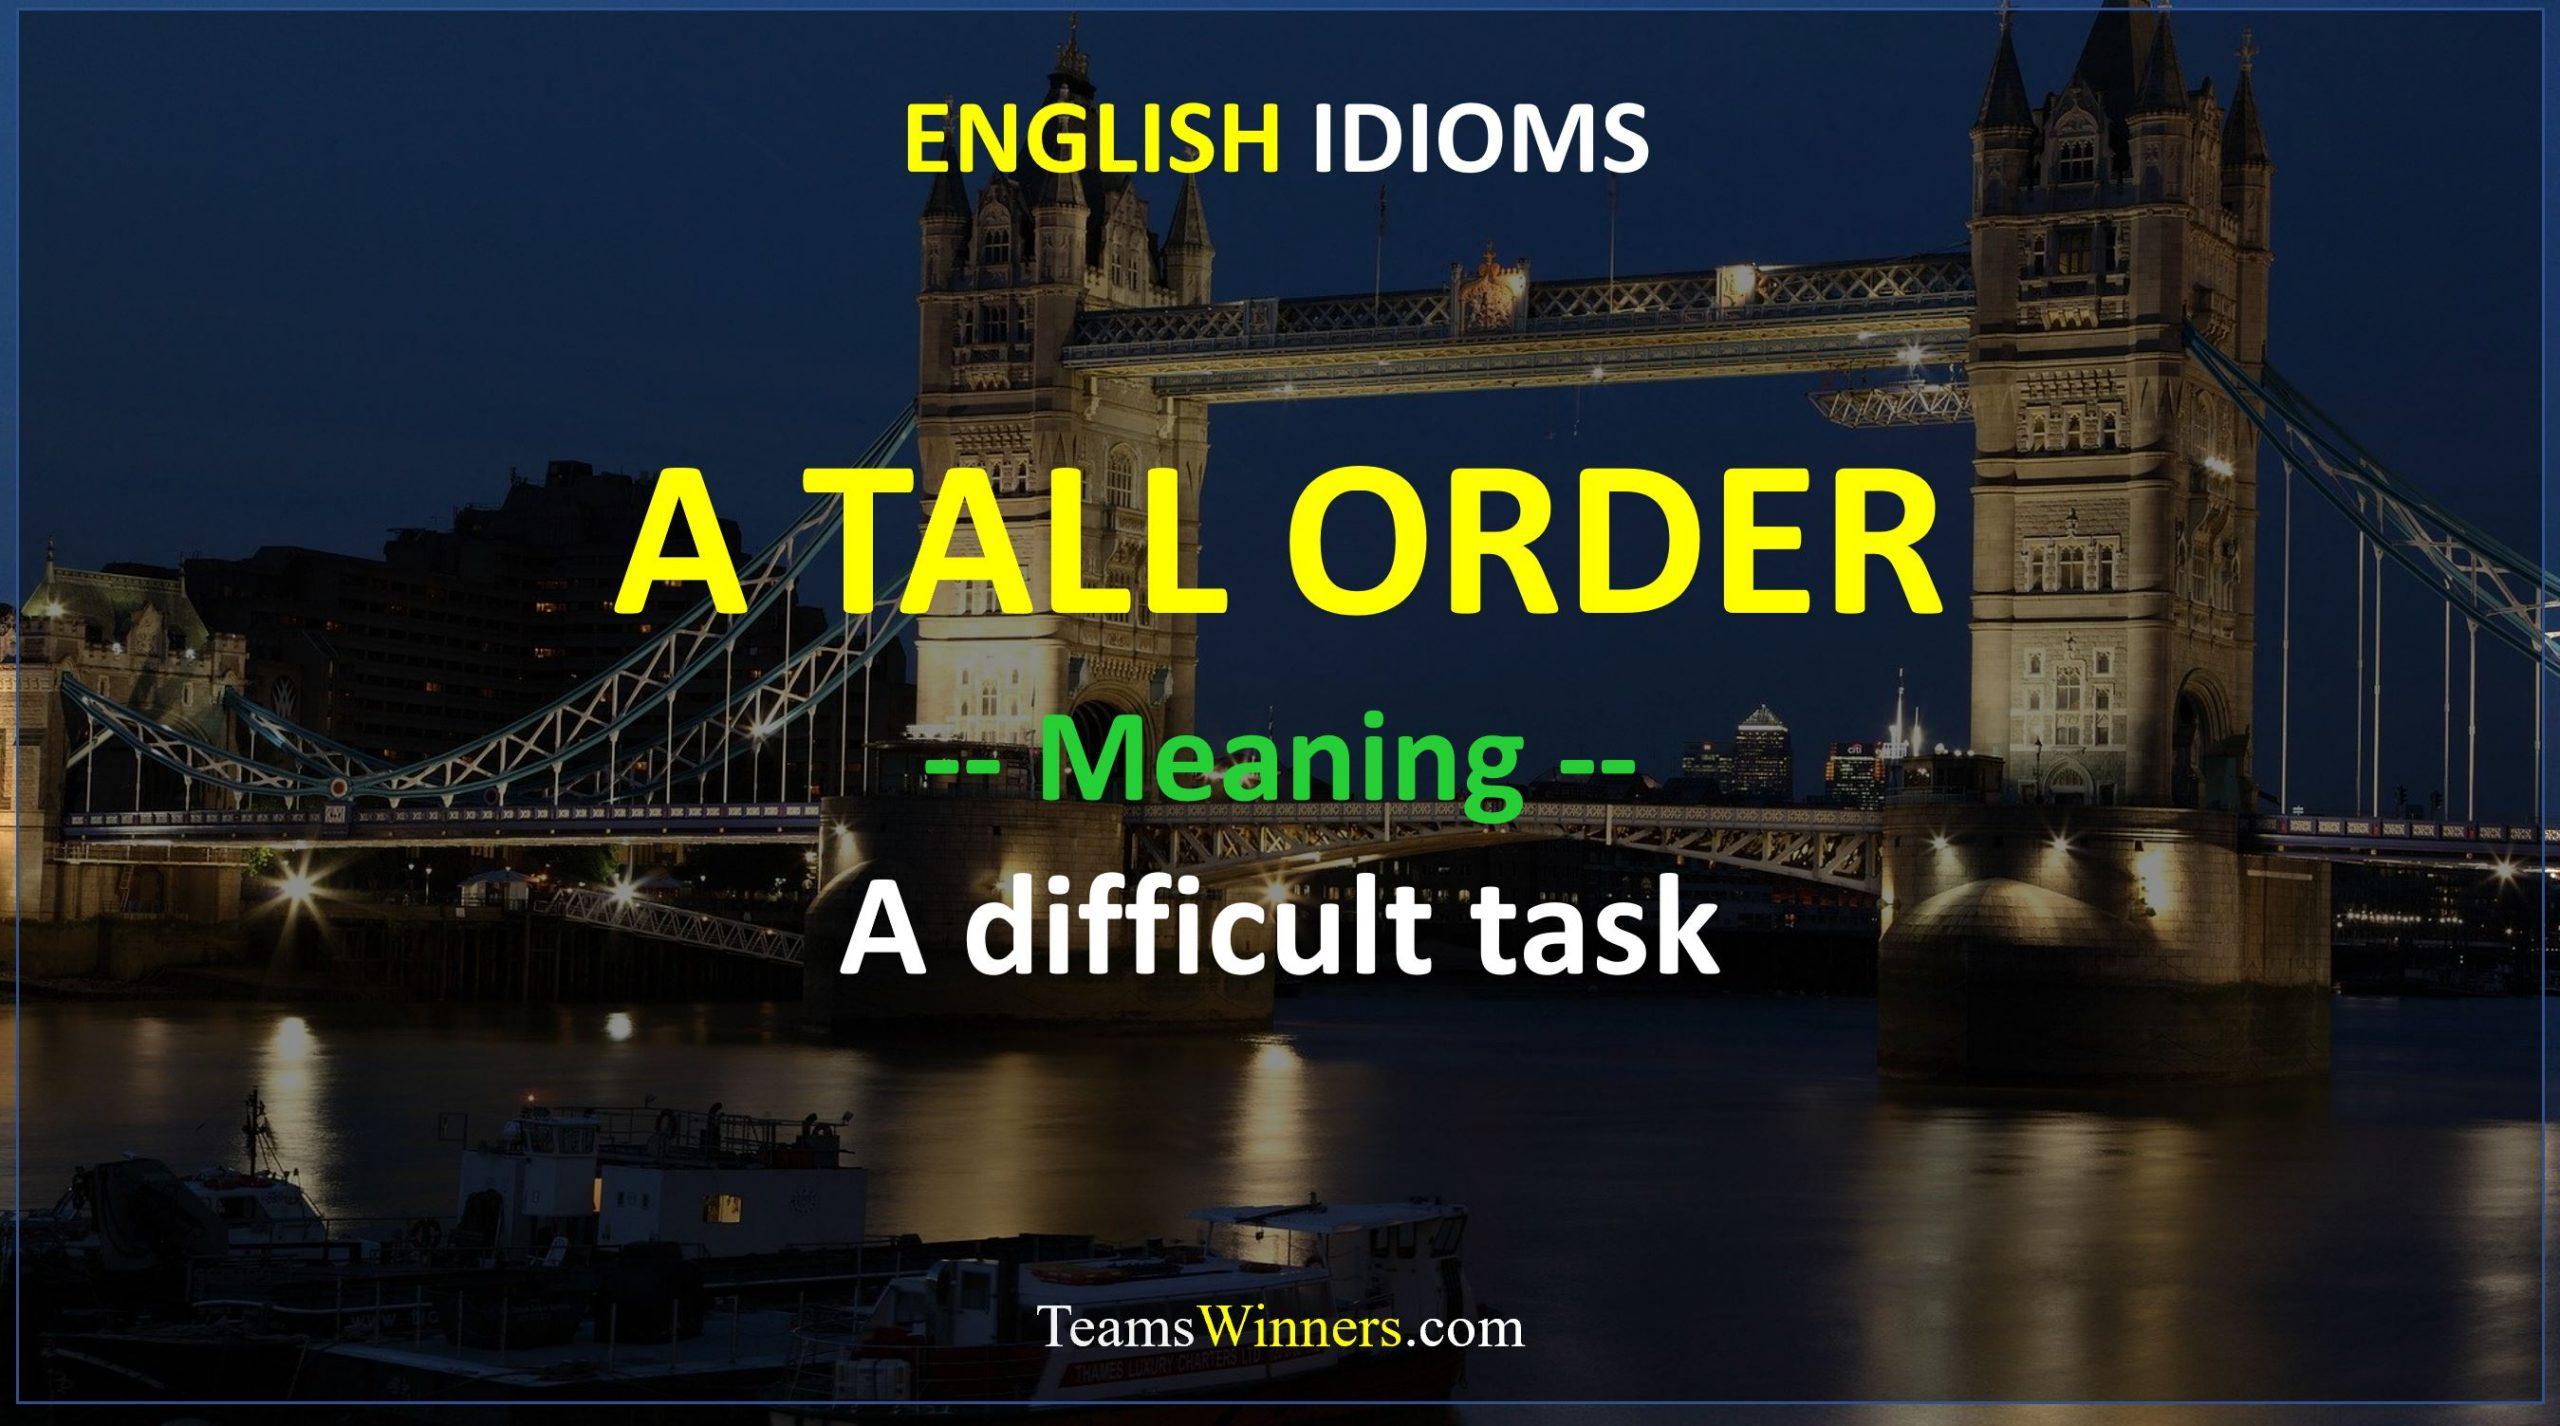 English Idiom - A Tall Order